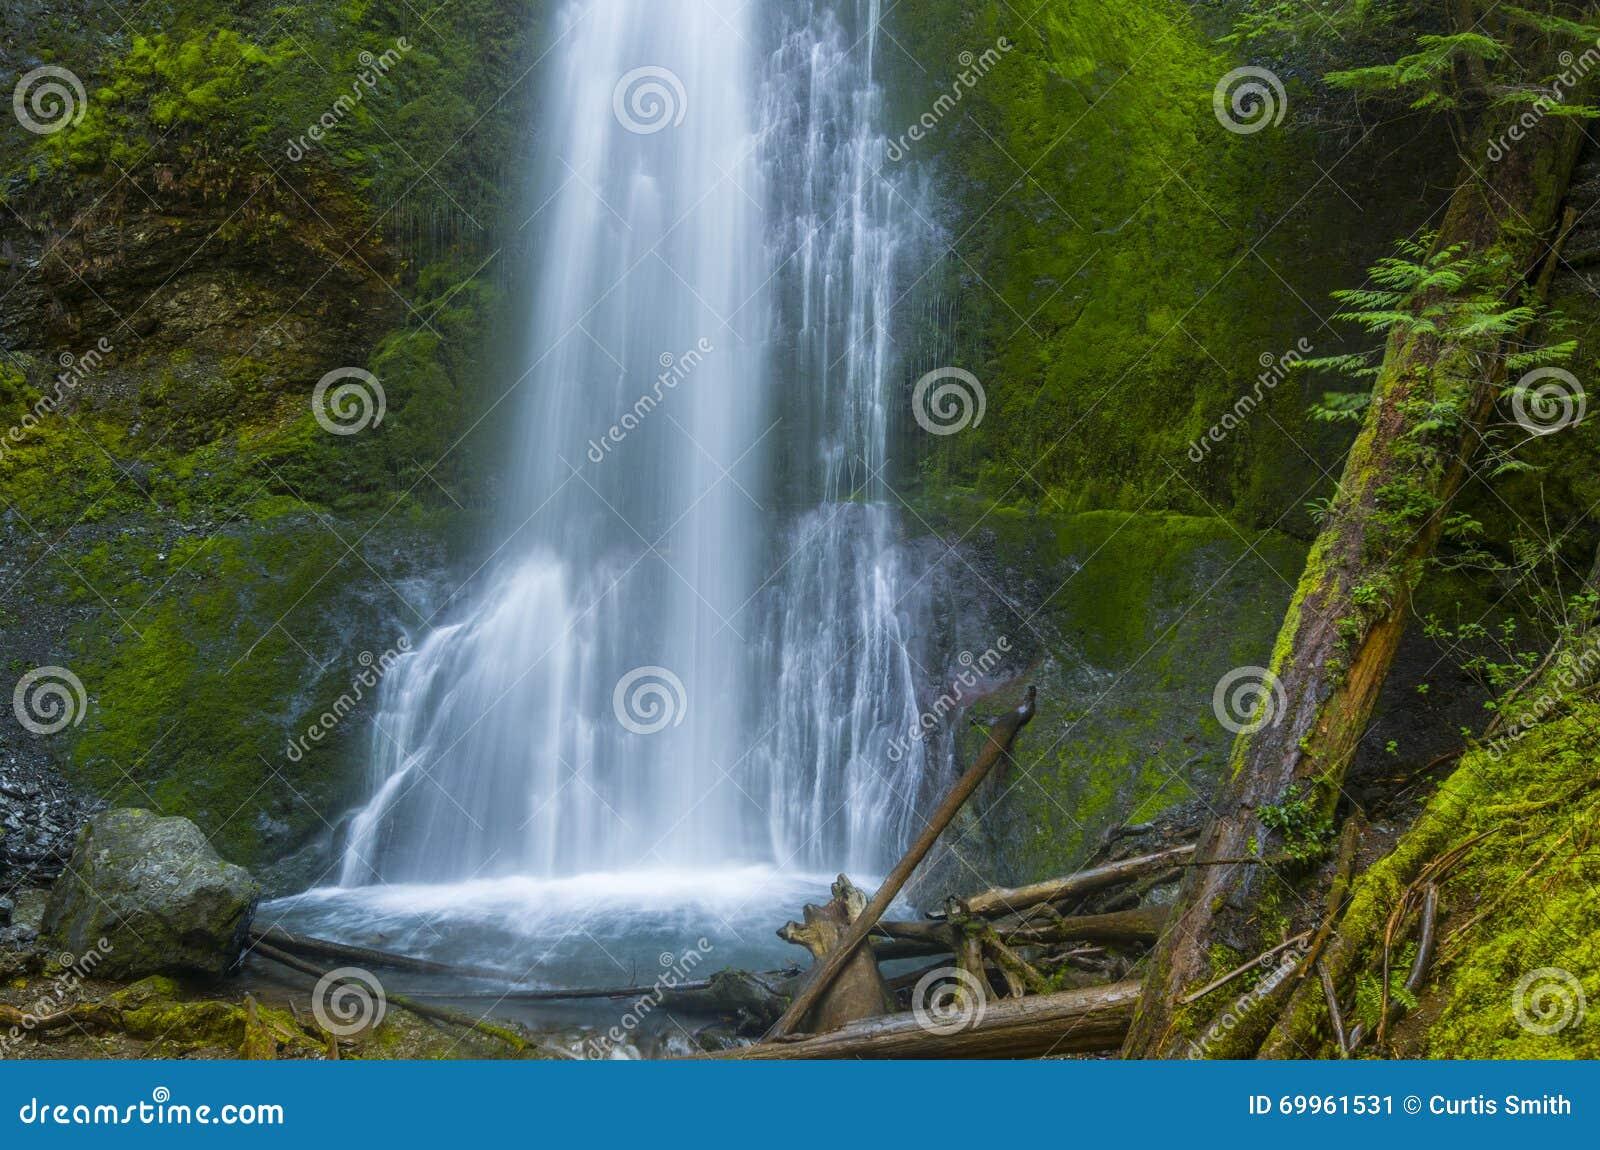 Marymere Falls Olympic National Park Washington state